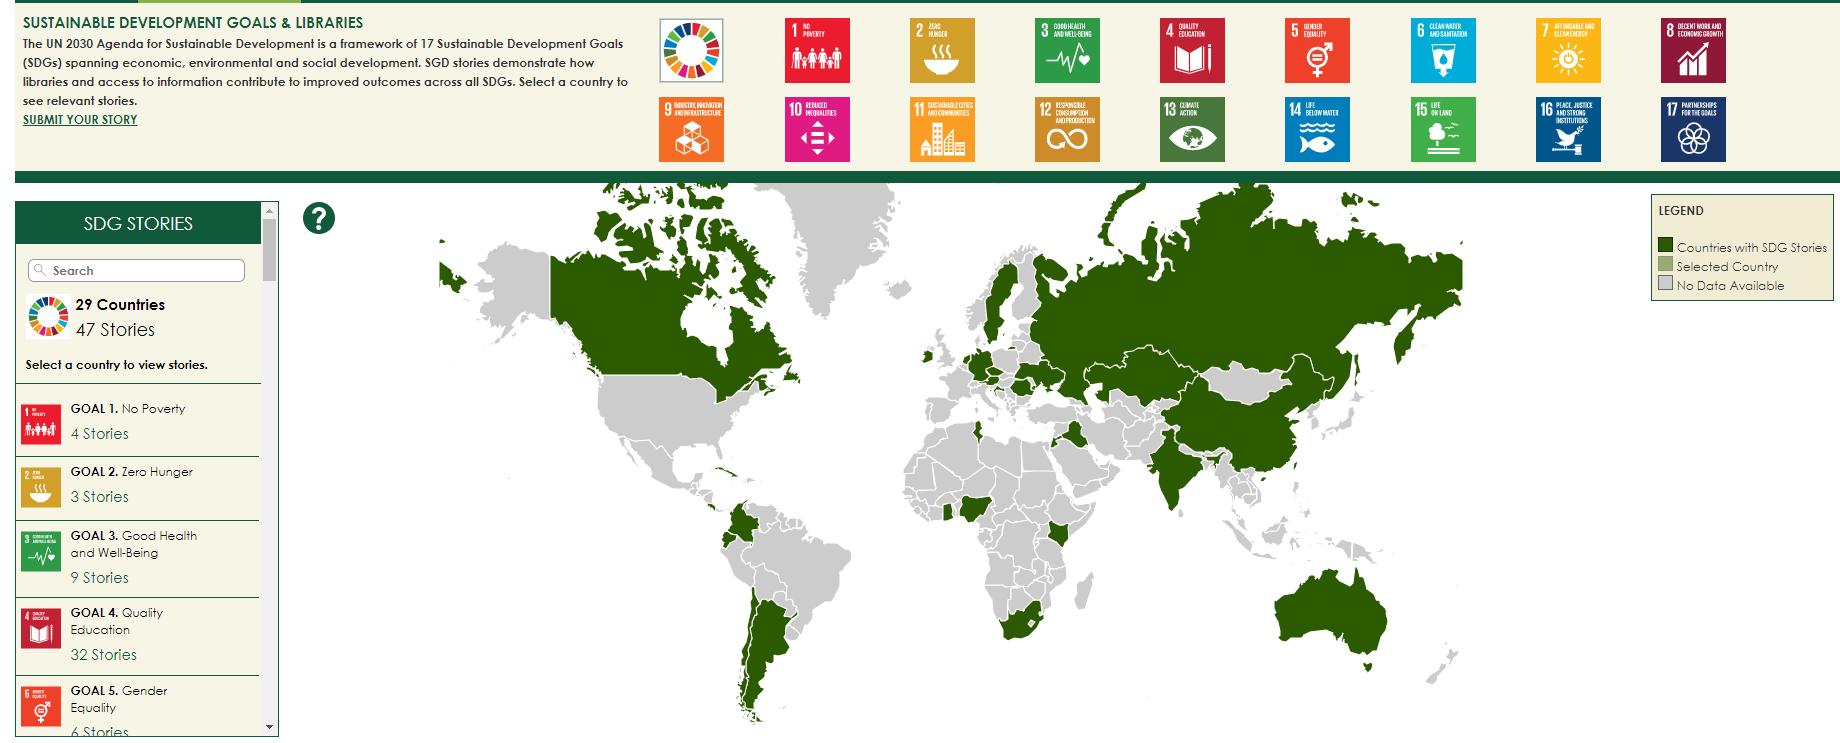 På bilden syns ikoner för de 17 globala målen och en världskarta, där länder som lagt in globala mål-berättelser på kartan är grönmarkerade. När skärmdumpen skapades i juli 2021 hade 29 länder lagt in sammanlagt 47 SDG Stories.